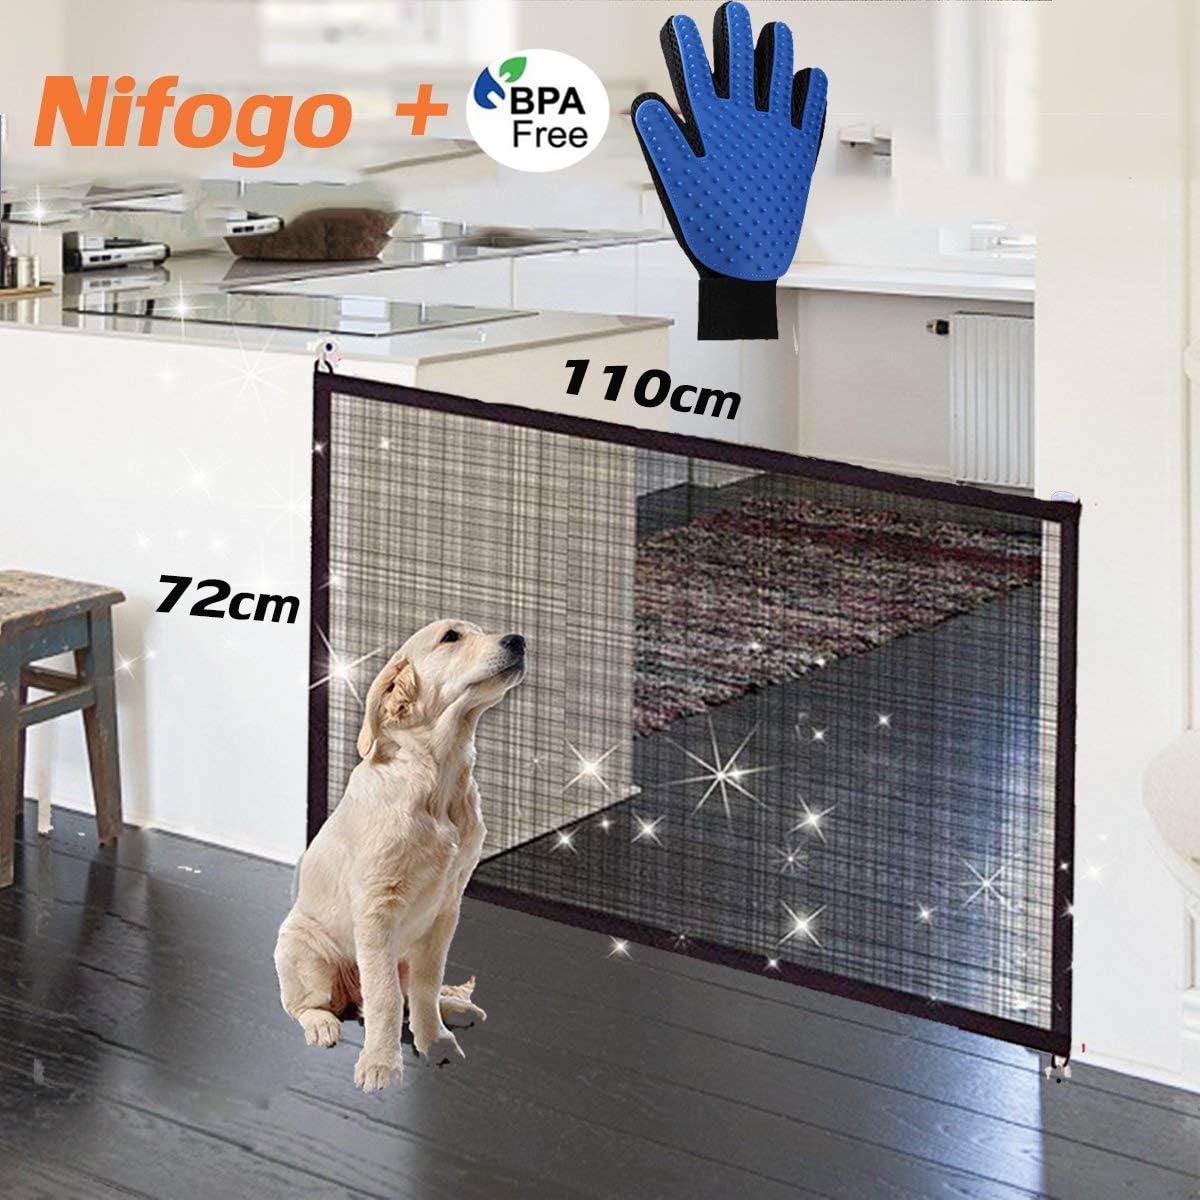 Nifogo Magic Gate Dog, Barrera de Seguridad para Perro, Plegable Portátil Puerta de Seguridad Aislada para Perros y Mascotas,Security Negro(110 x 72 cm)